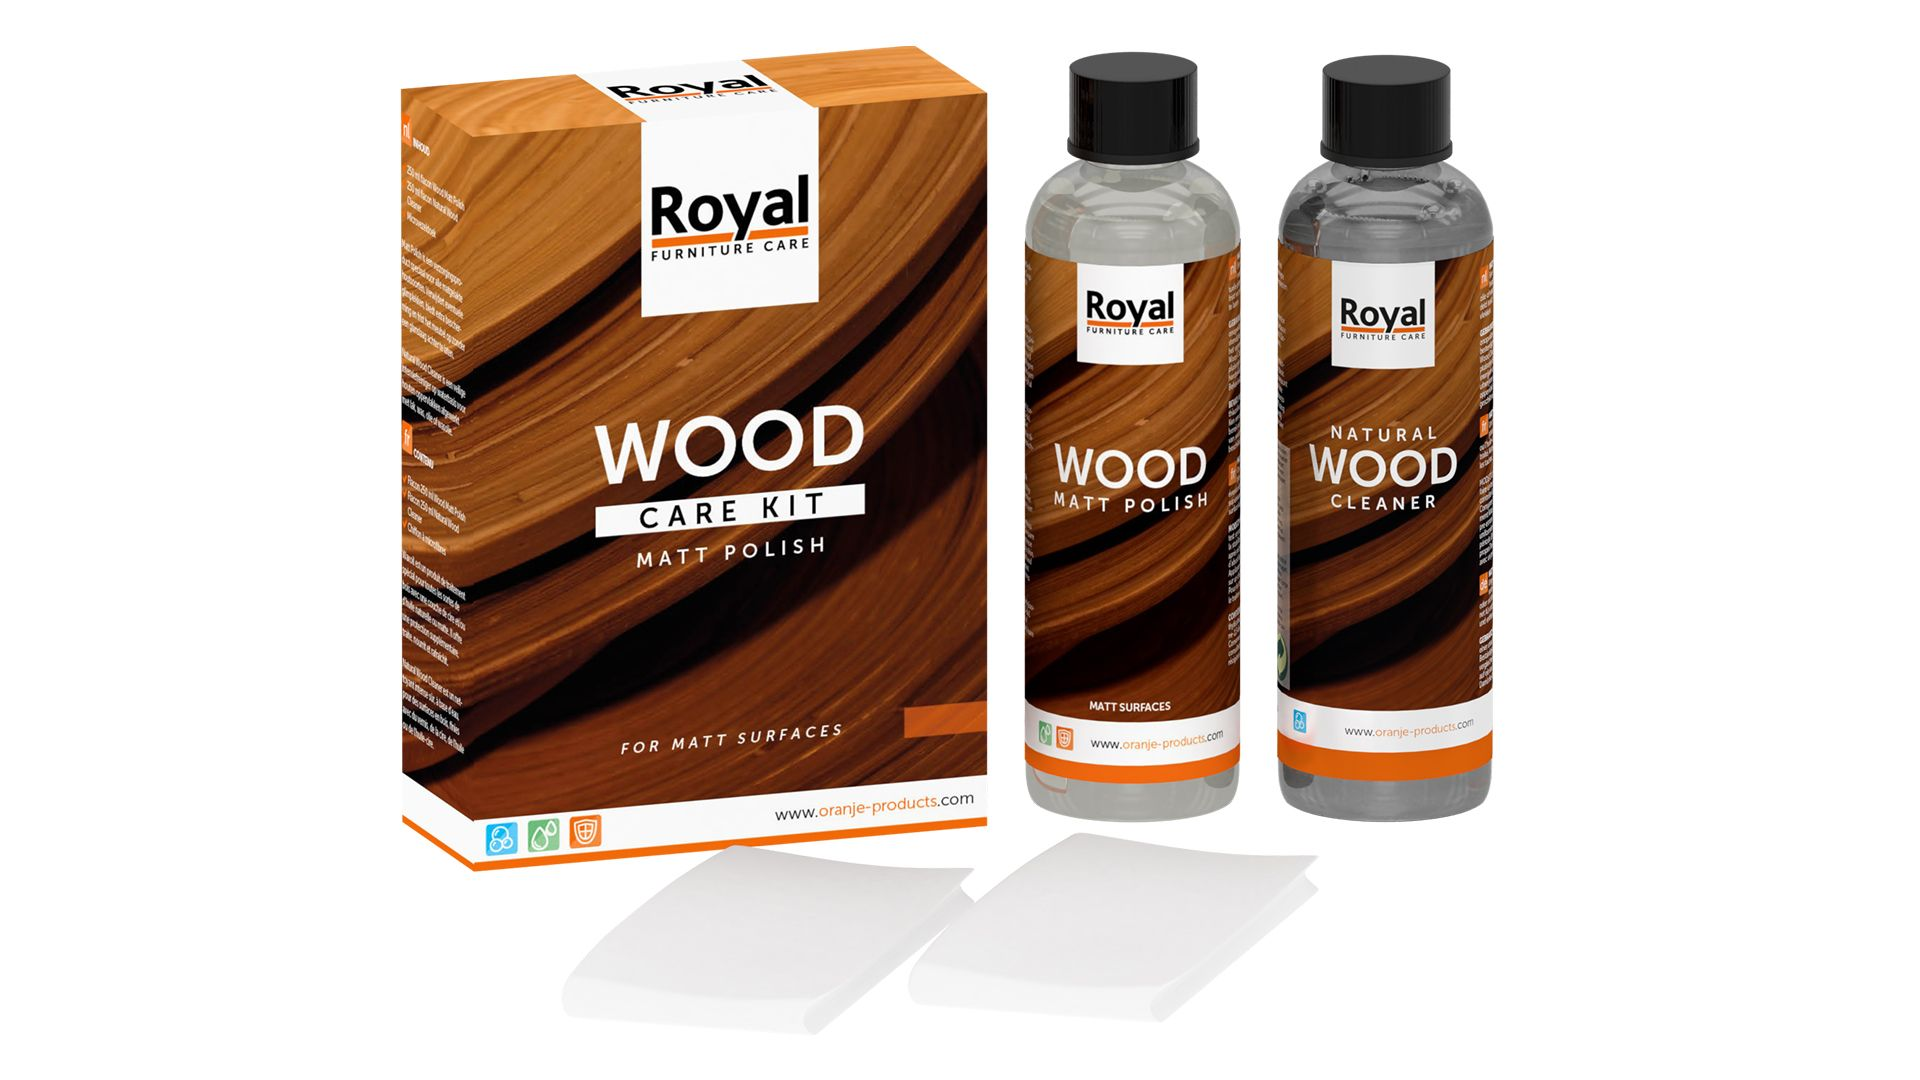 Wood Care Kit Mat Polish